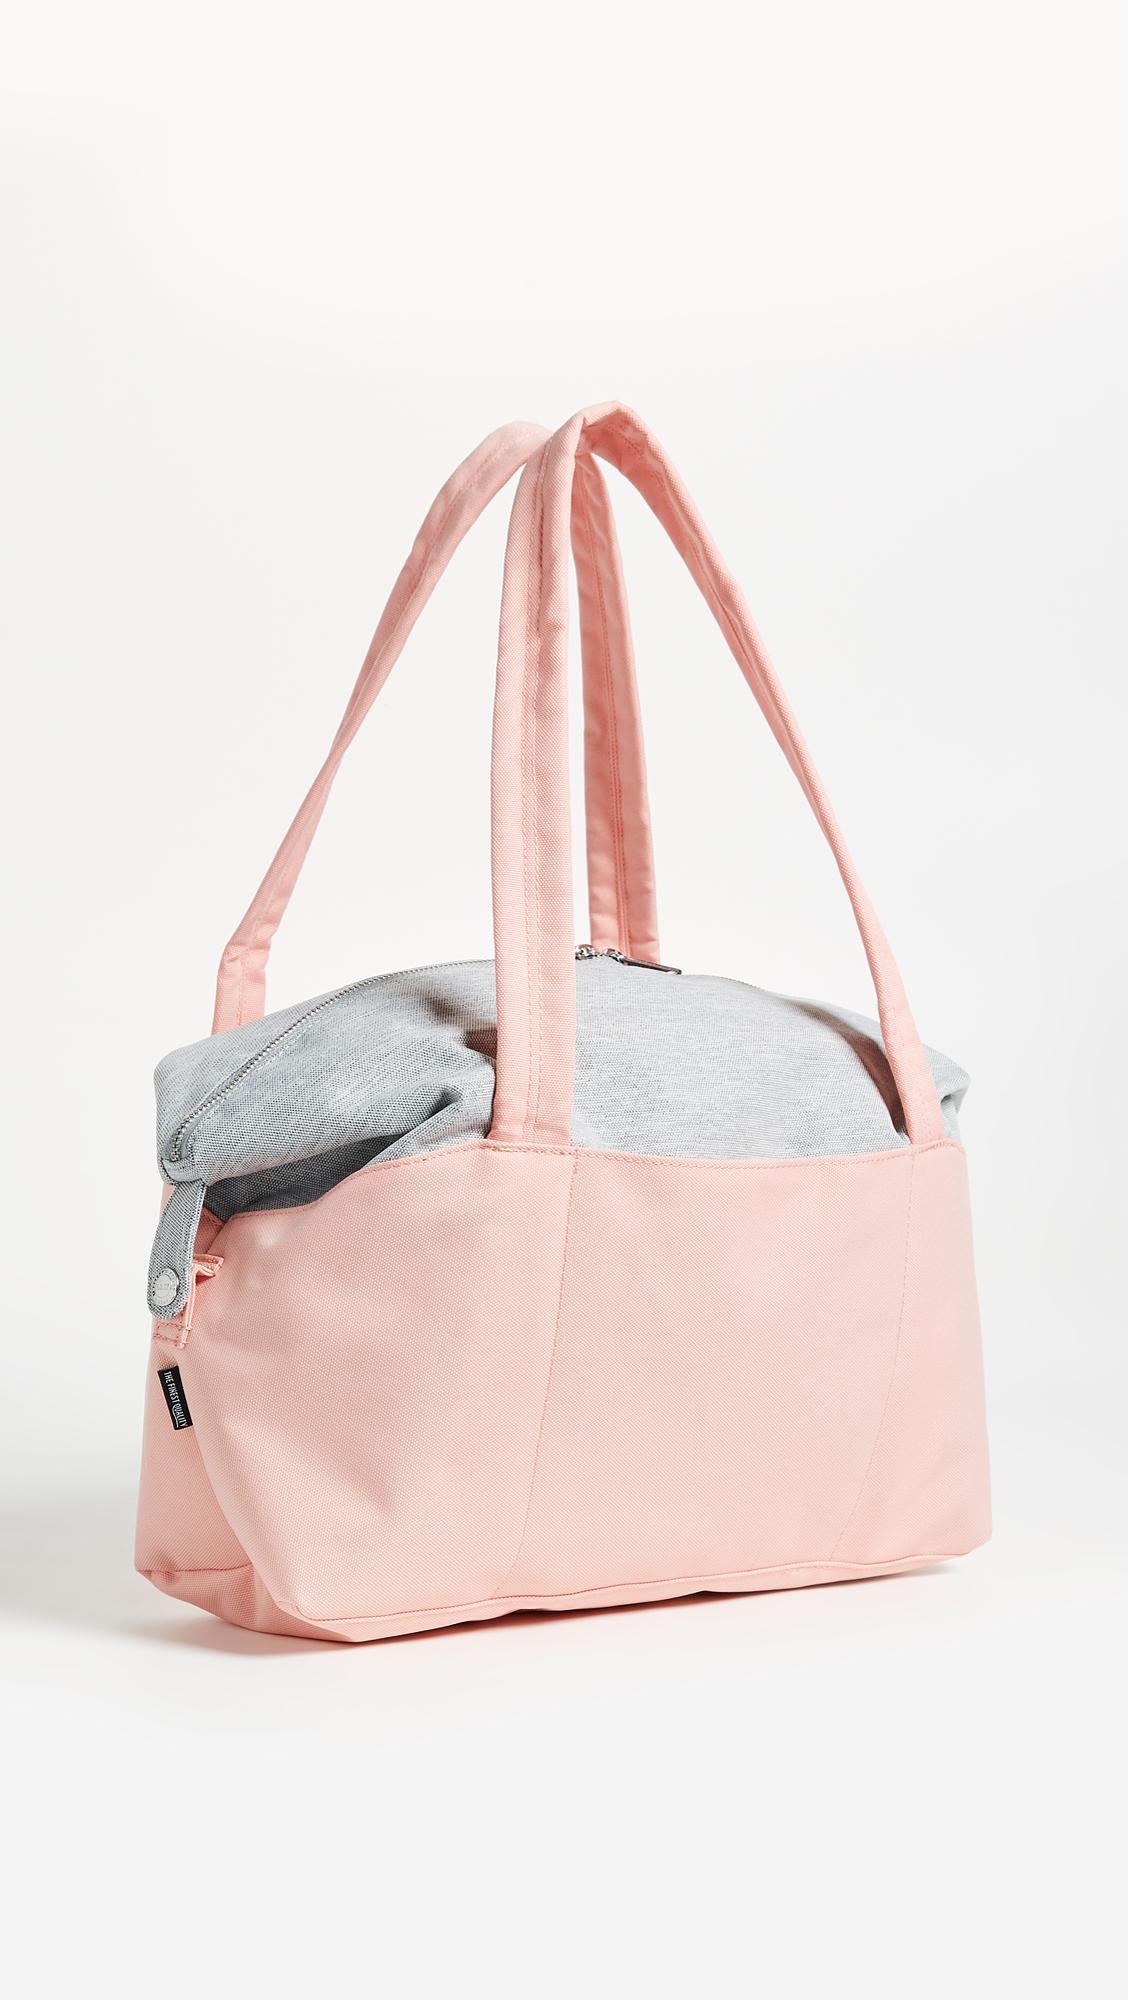 Herschel Strand X-Small (Peach/Light Grey Crosshatch) Duffel Bags 9d9FIqsbzN